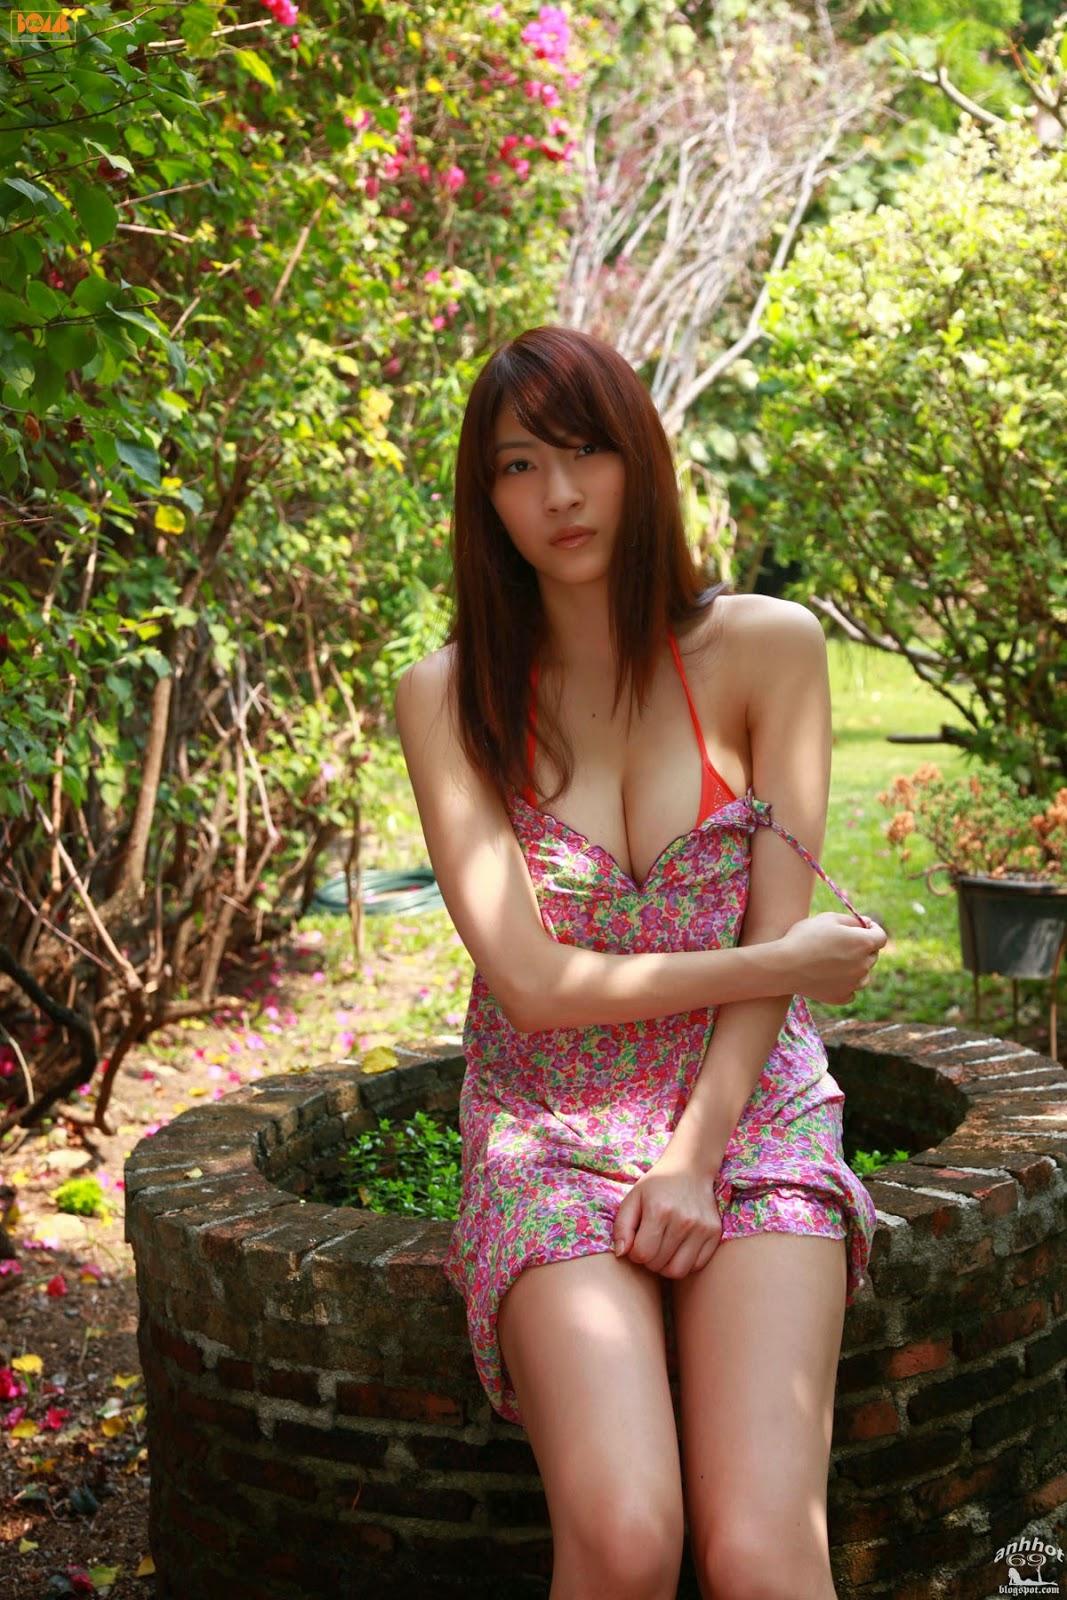 asana-mamoru-01270831